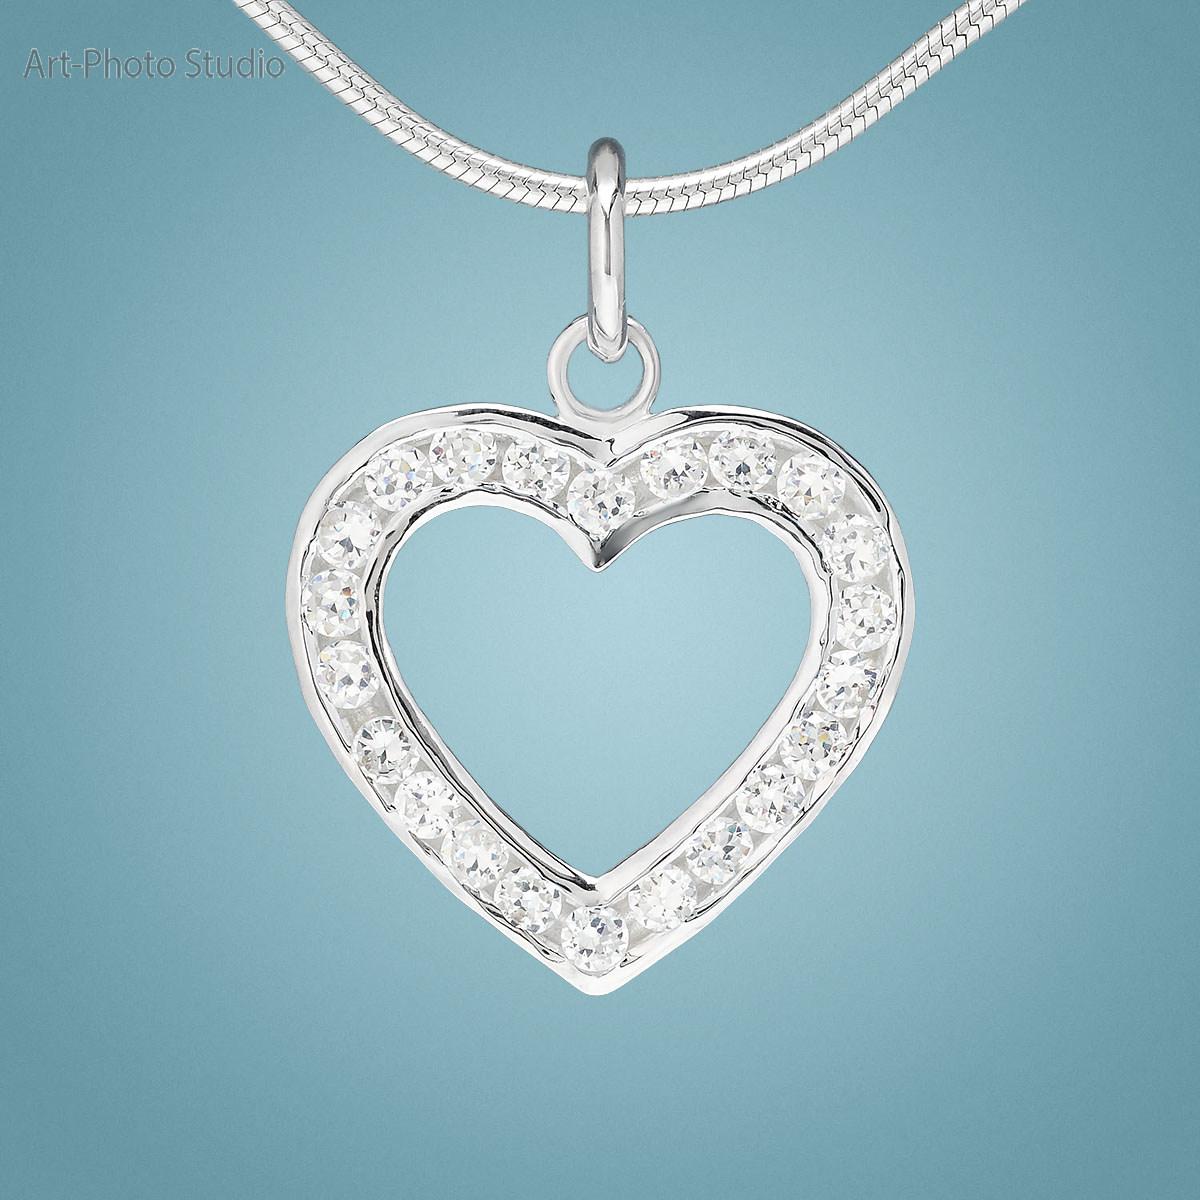 фото ювелирных украшений - кулон из серебра с цепочкой